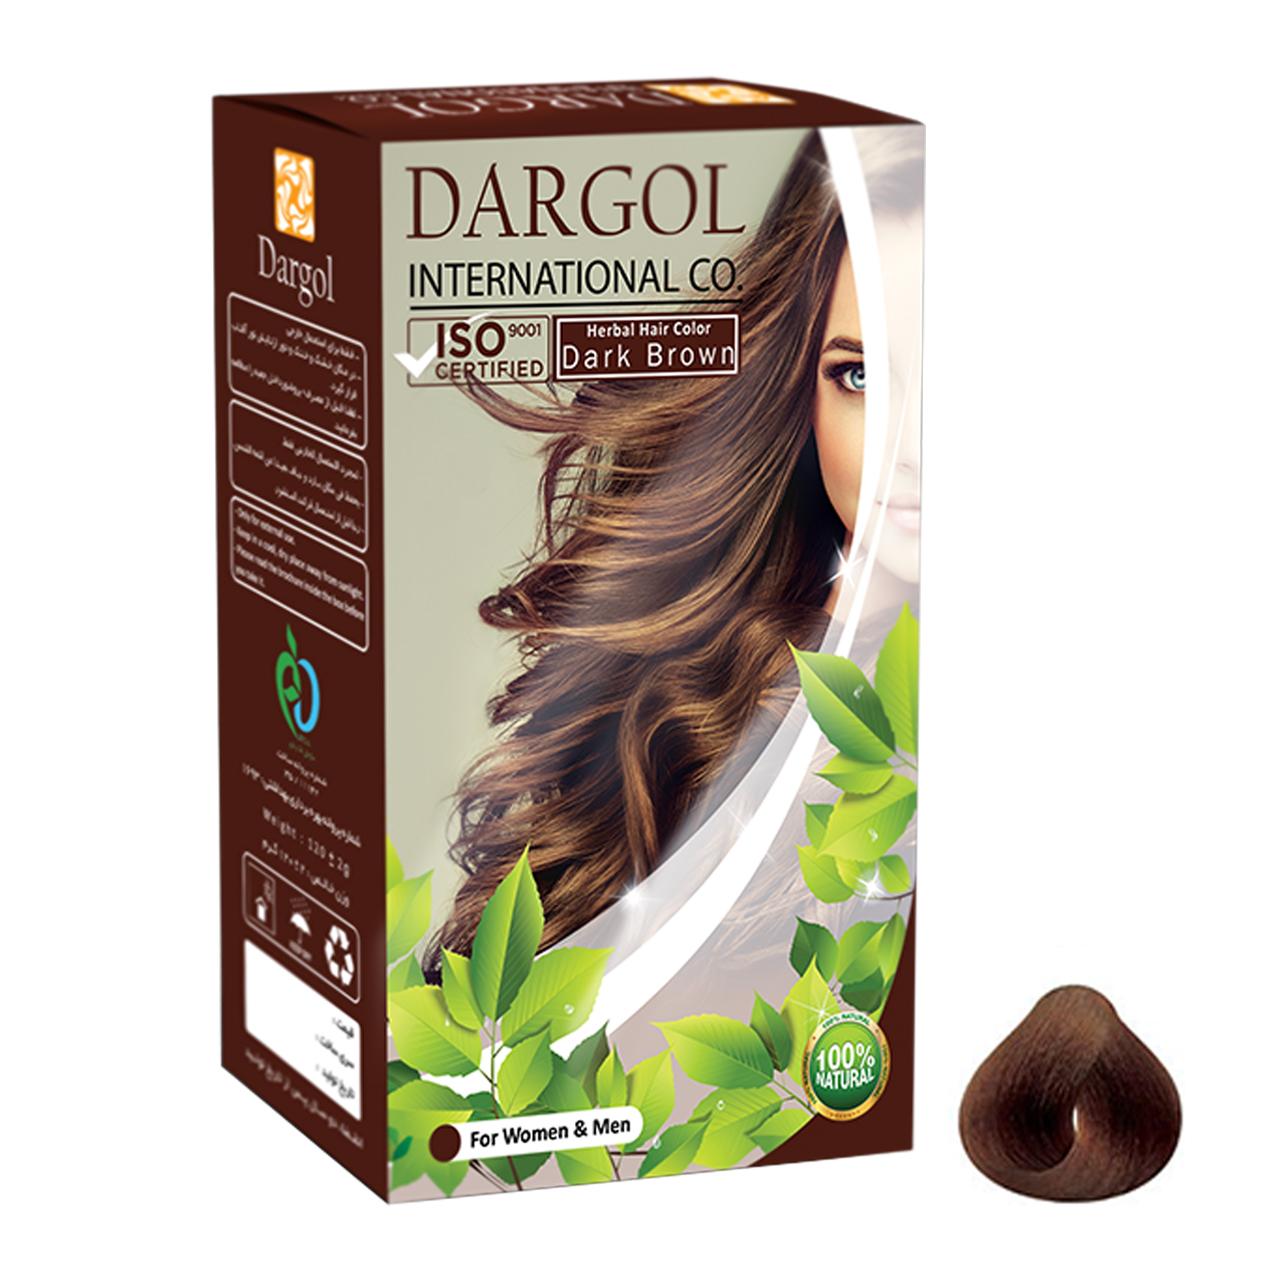 پودر رنگ مو دارگل مدل DB.1003 وزن 120 گرم رنگ قهوه ای تیره